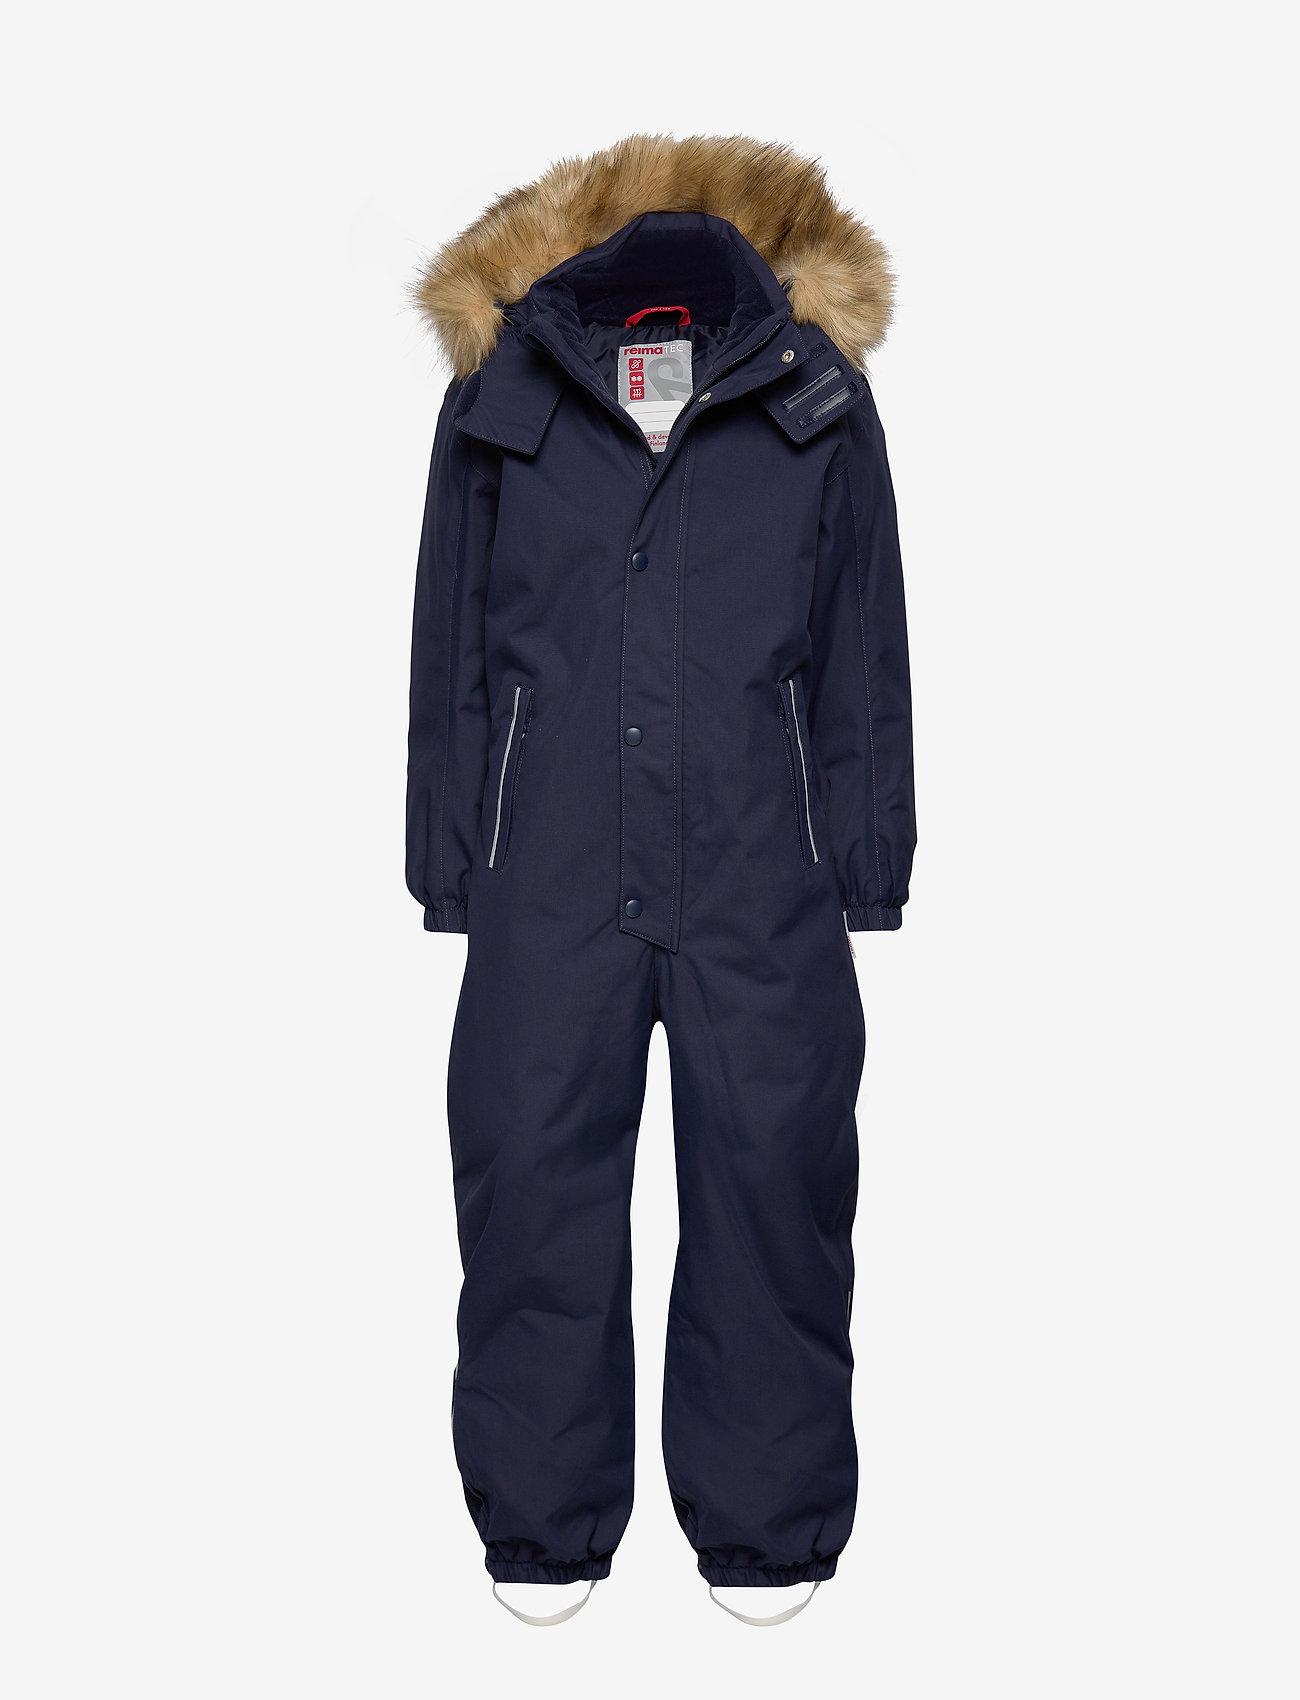 Reima - Stavanger - snowsuit - navy - 0